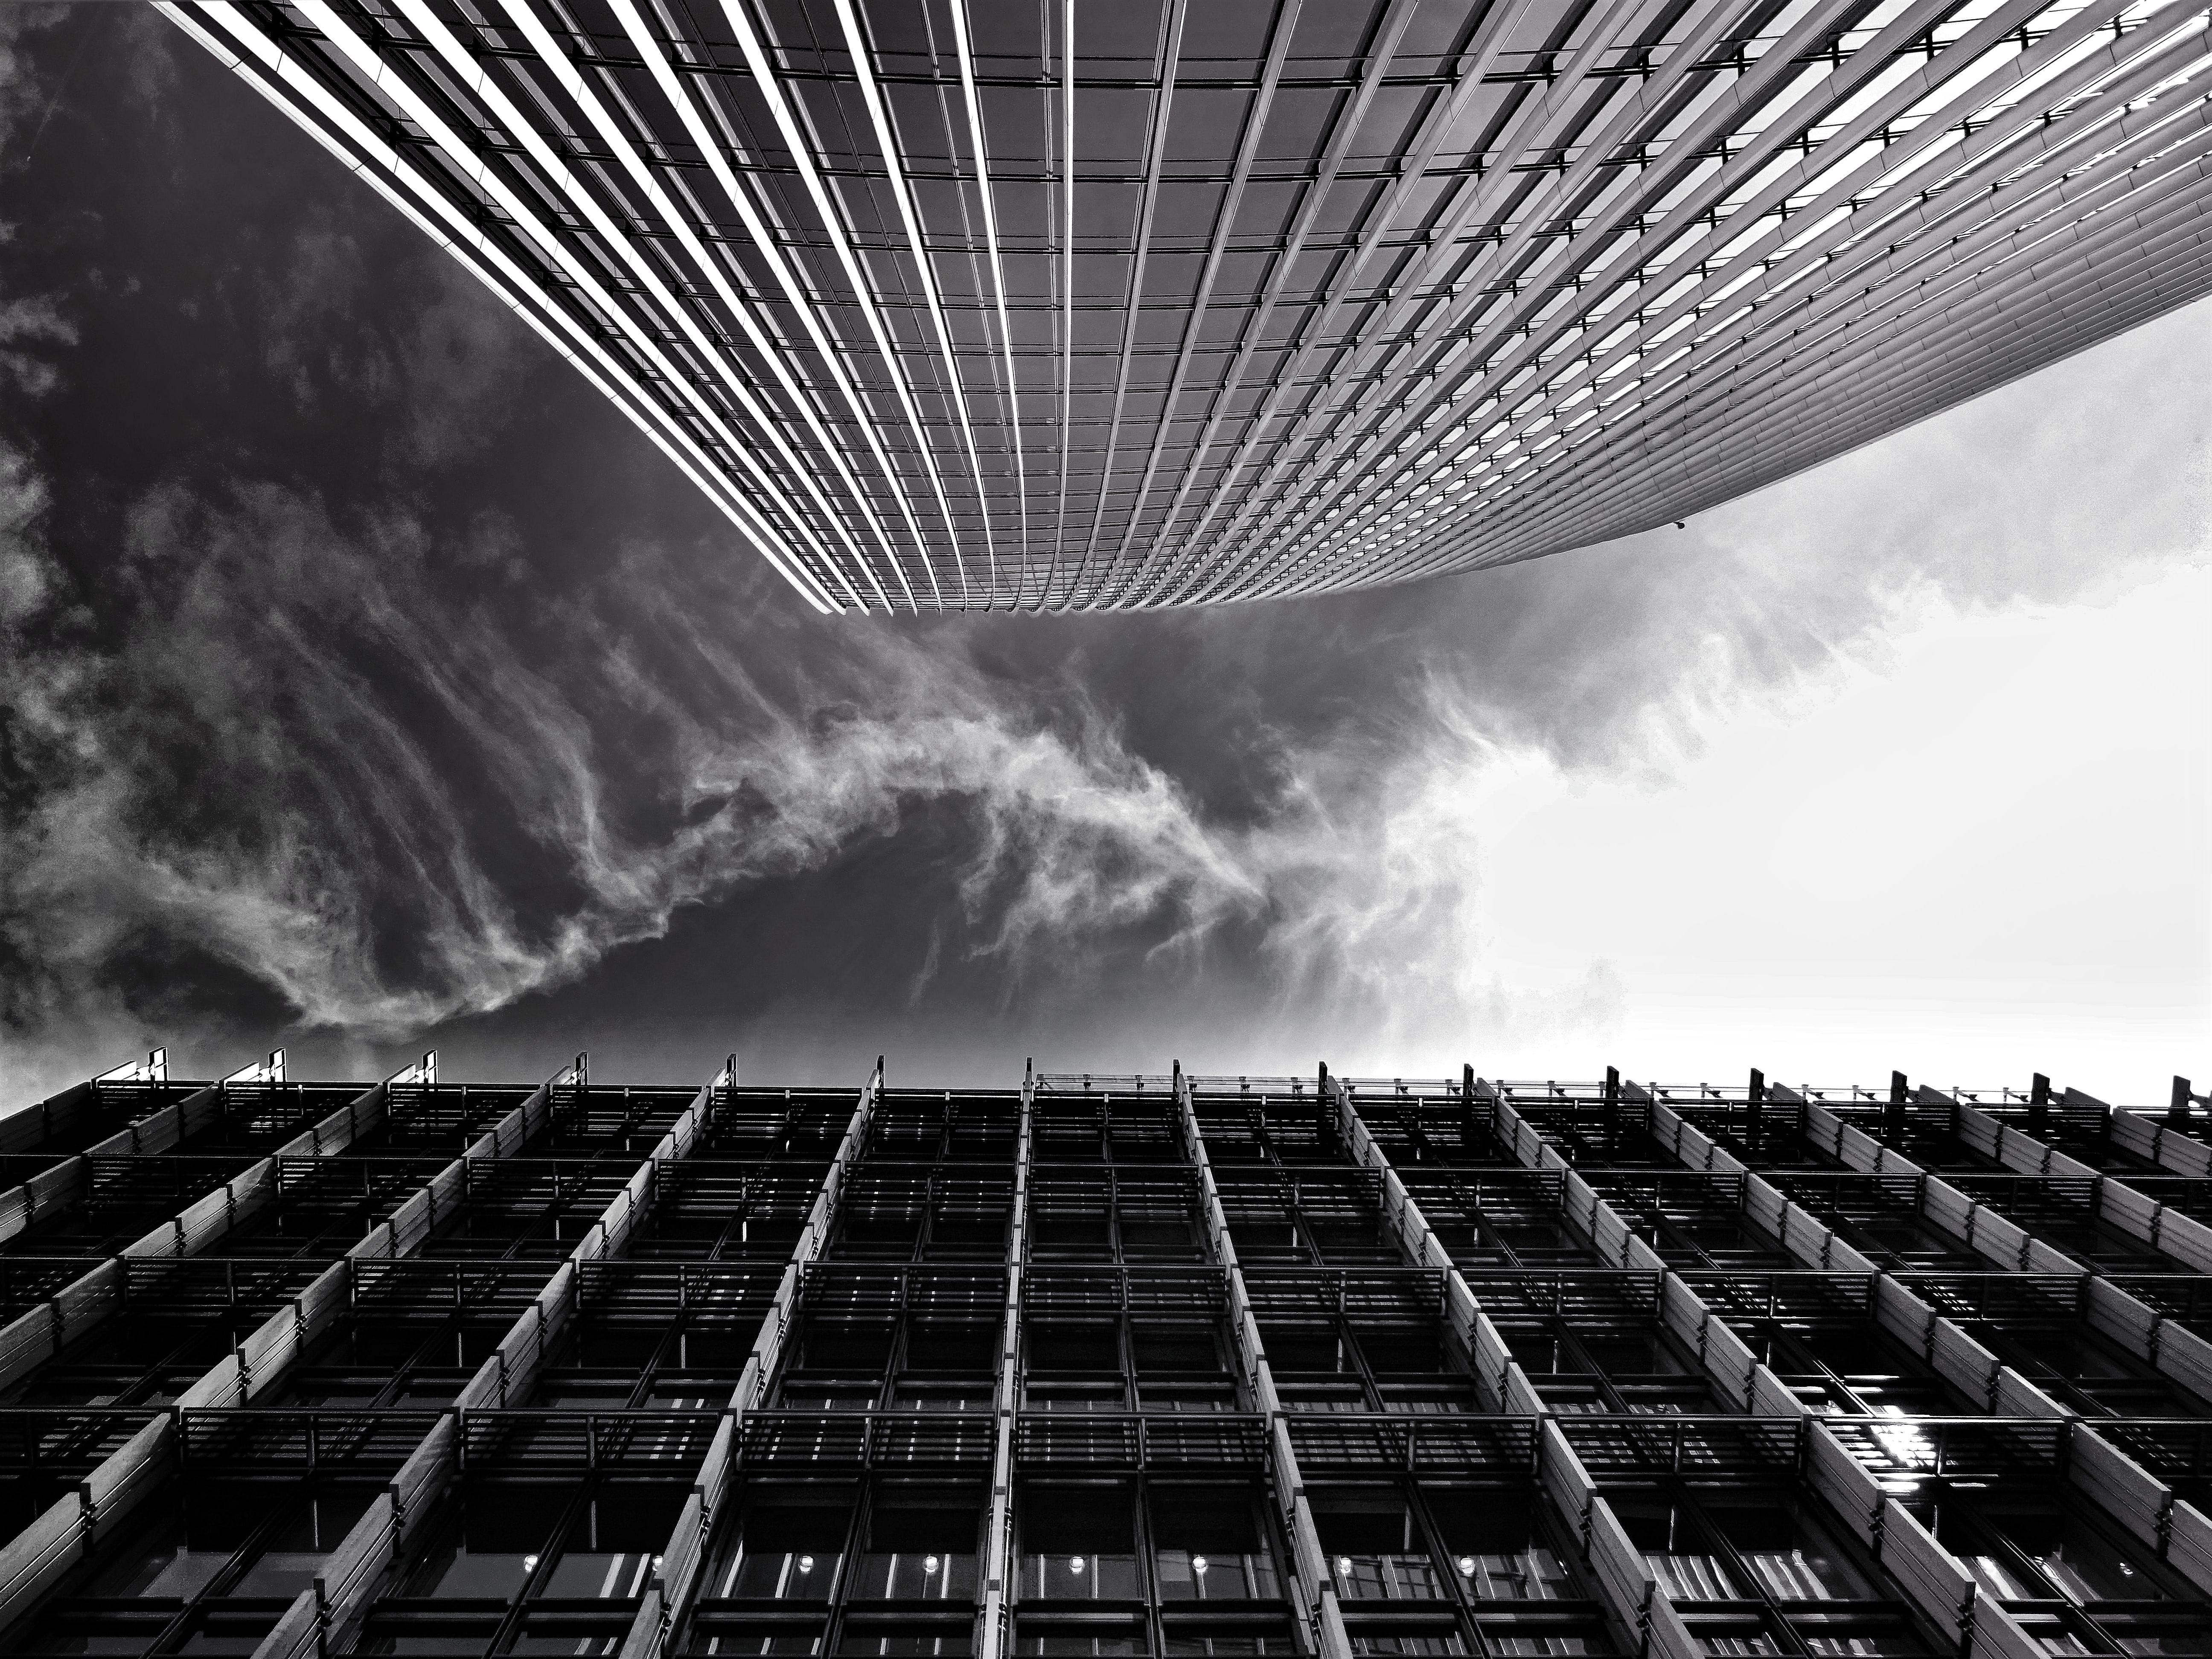 강철, 건물, 건축, 구름의 무료 스톡 사진